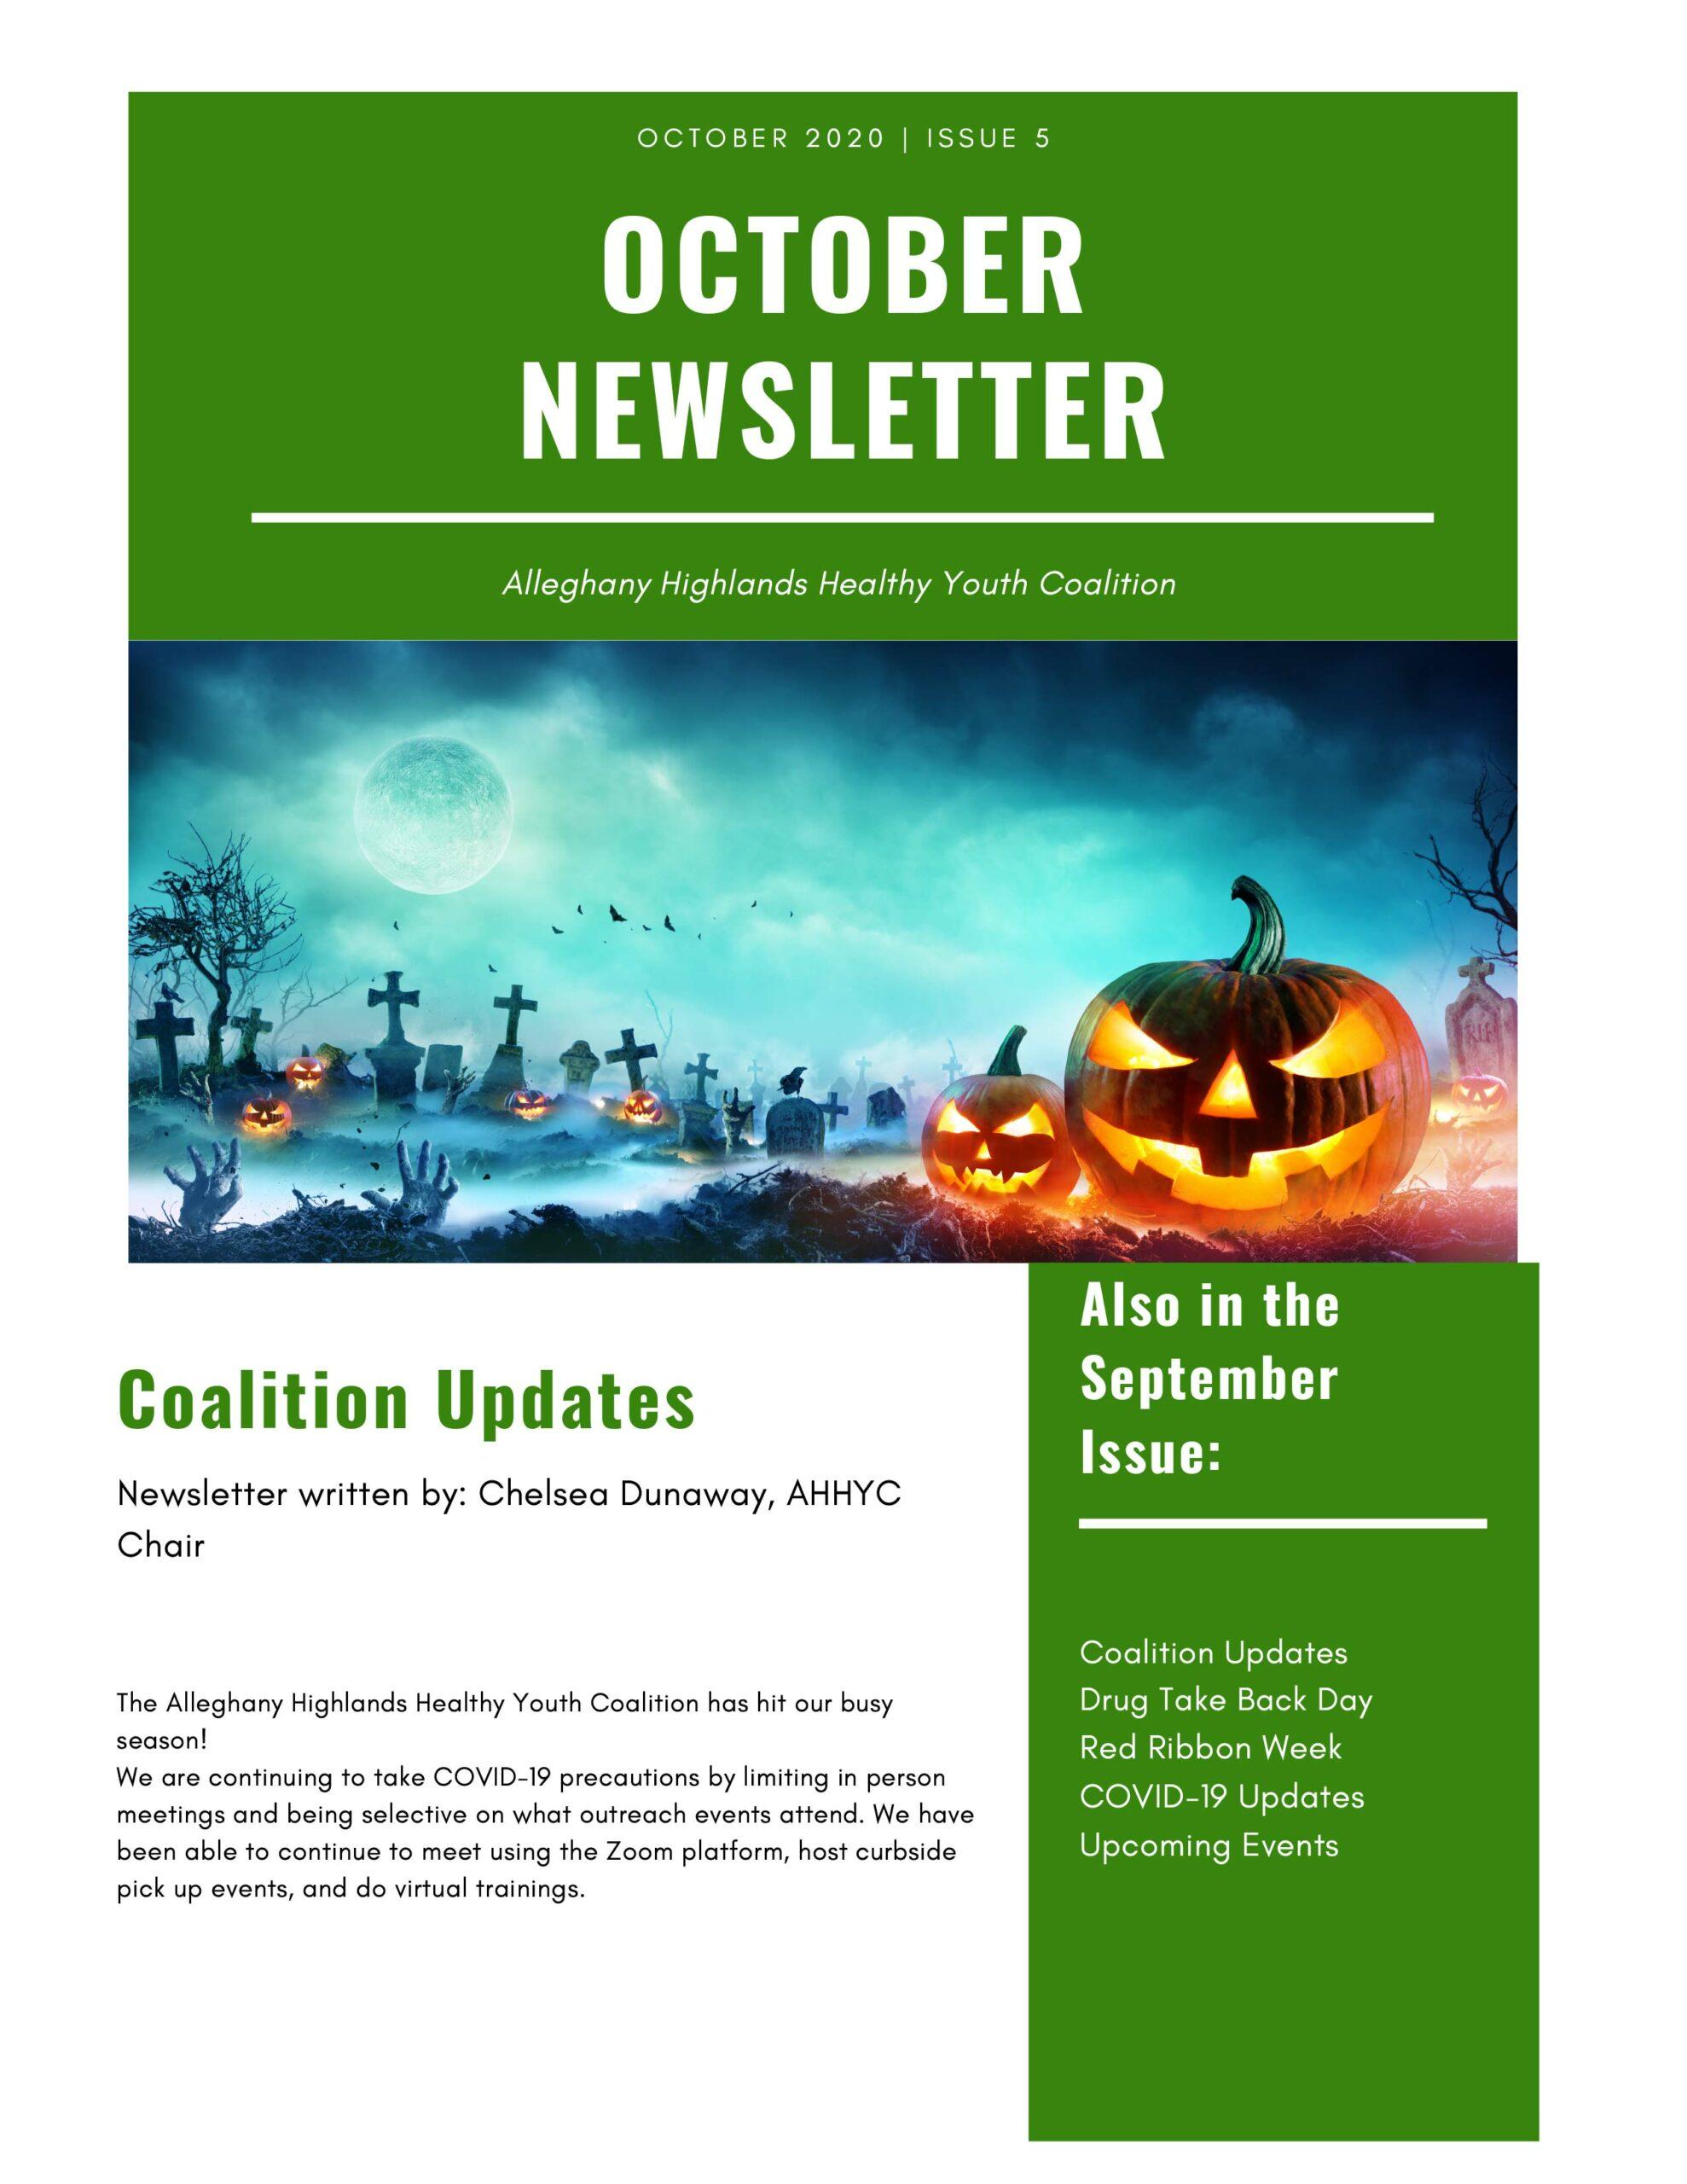 October Coalition Newsletter 1